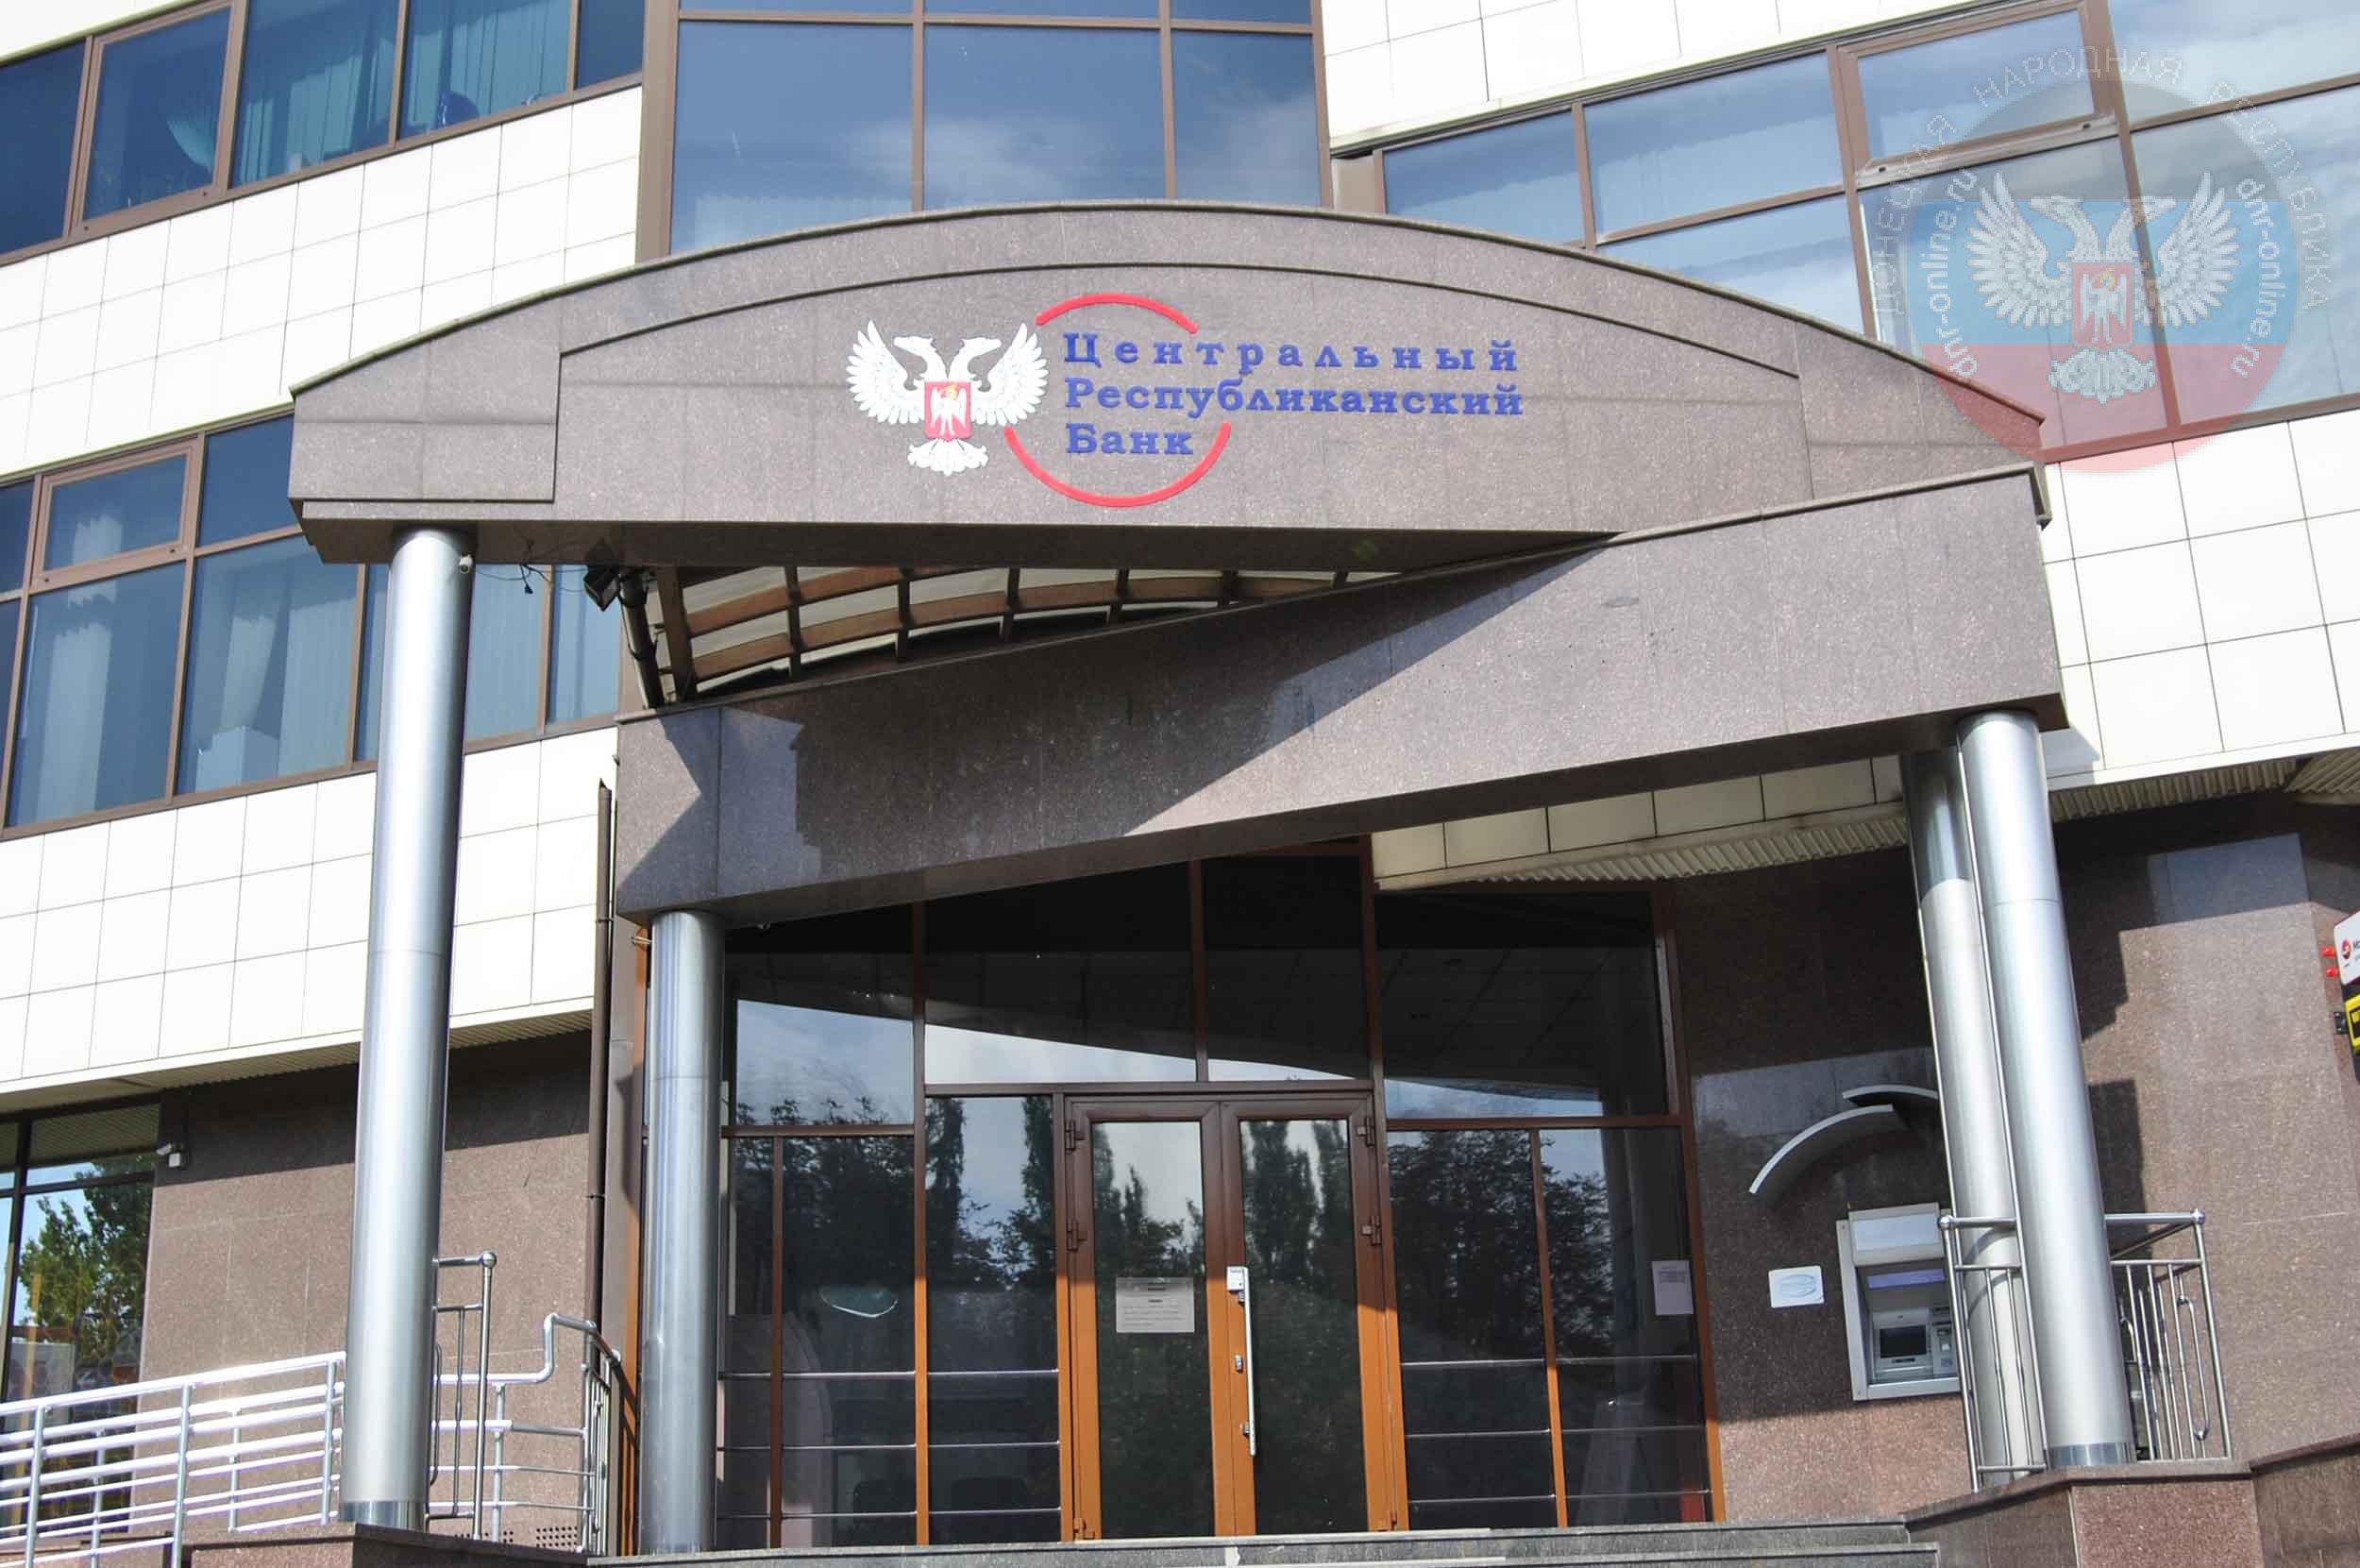 В центробанке ДНР теперь можно заплатить за услуги